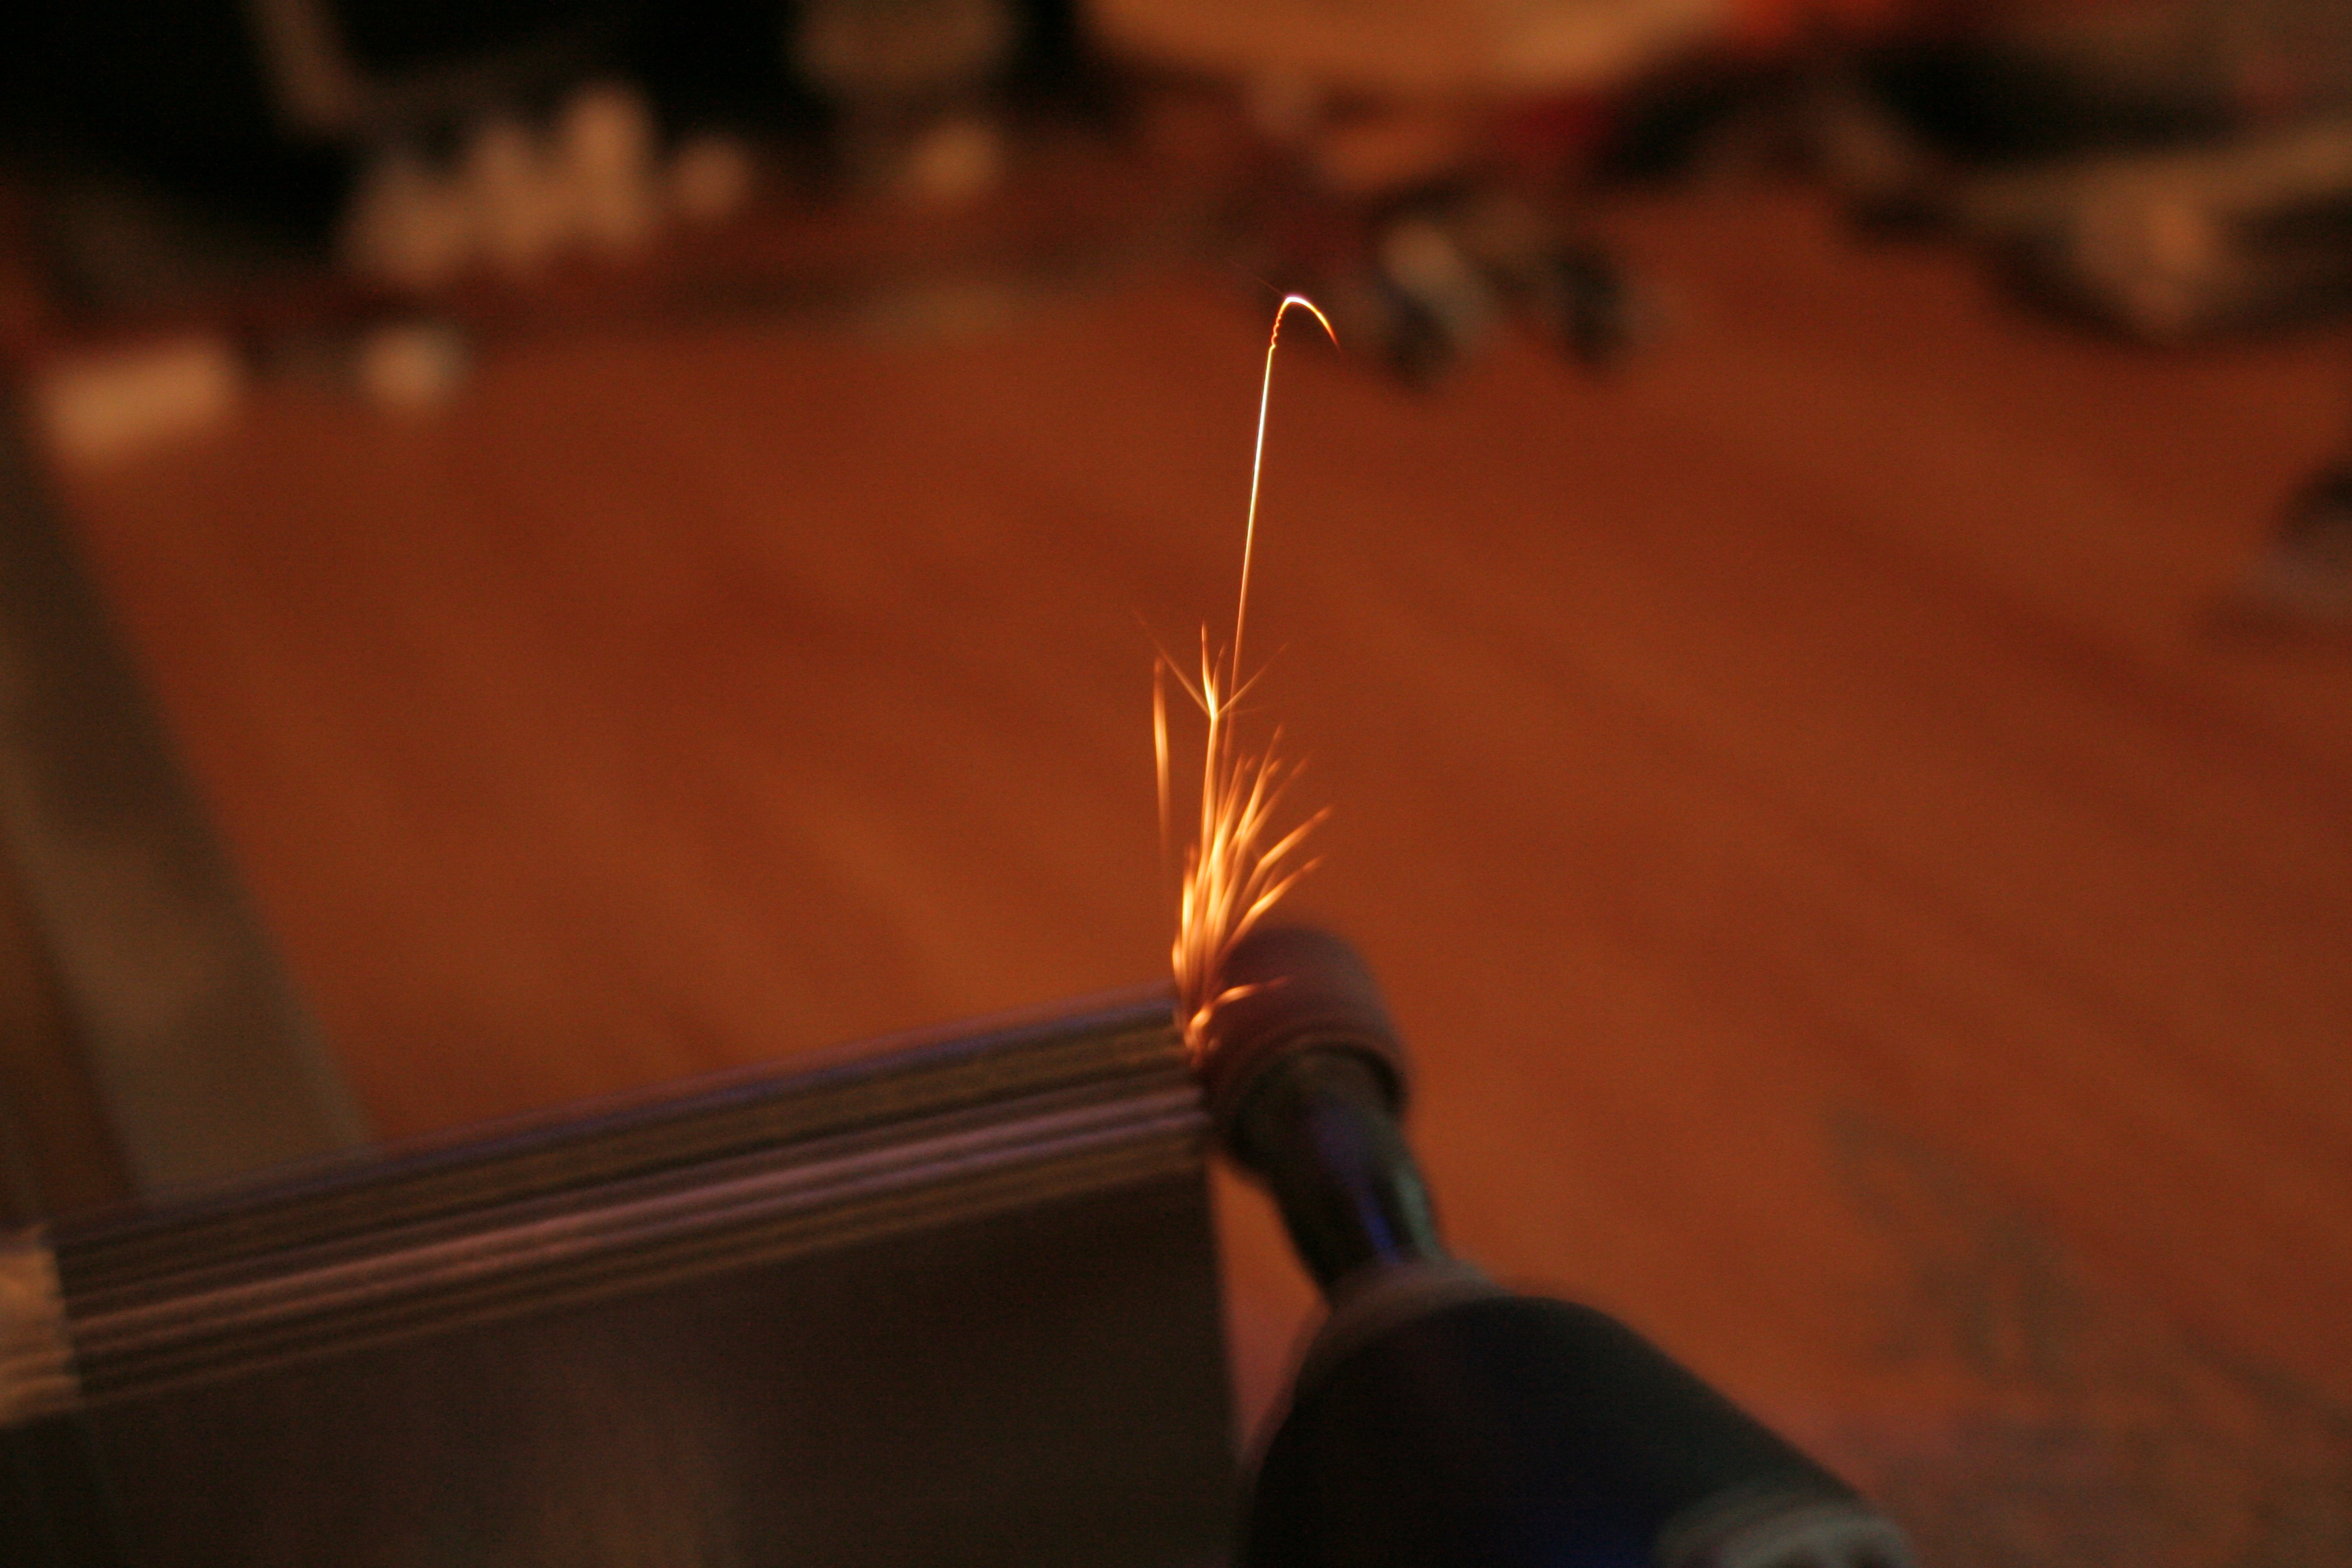 grinding_1_by_crabid-d3k17p7.jpg